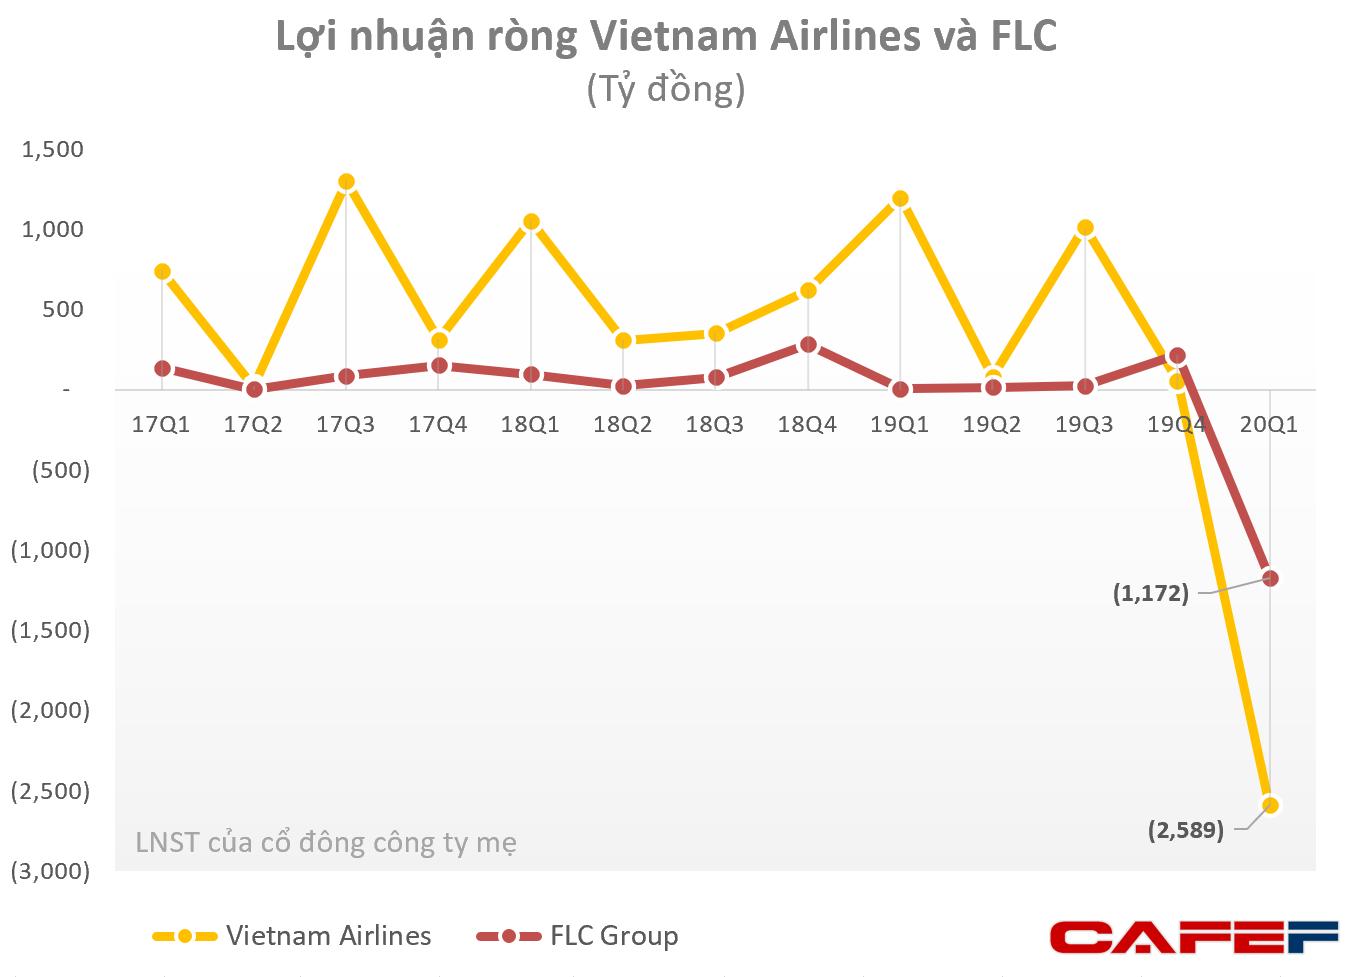 Hoạt động hàng không gặp khó, Vietnam Airlines và FLC Group lỗ vài nghìn tỷ trong quý 1-1